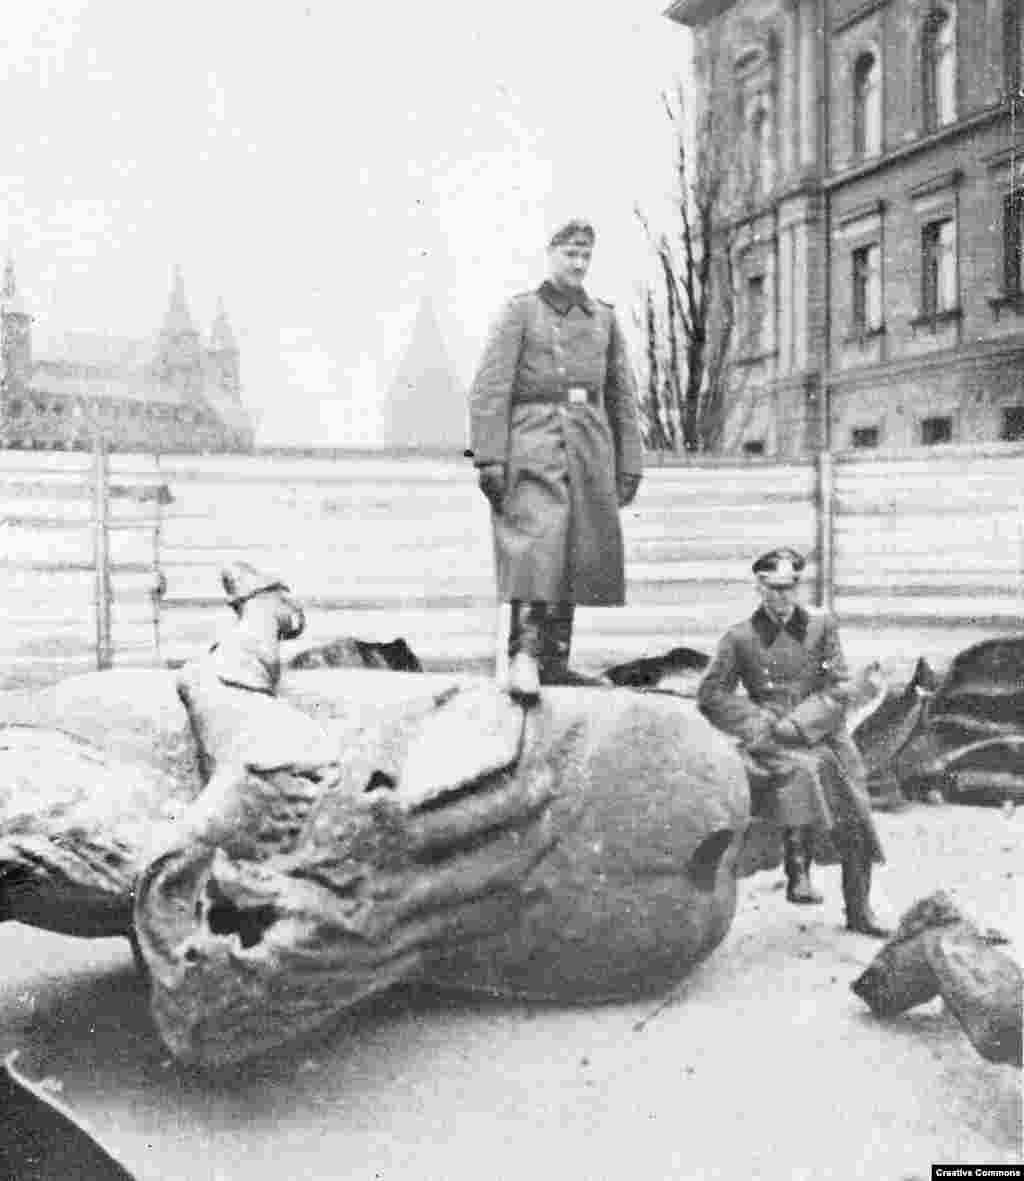 Части от статуята на полския крал Владислав II Ягело, разрушена от нацистките войски след инвазията в Полша през 1939 г.